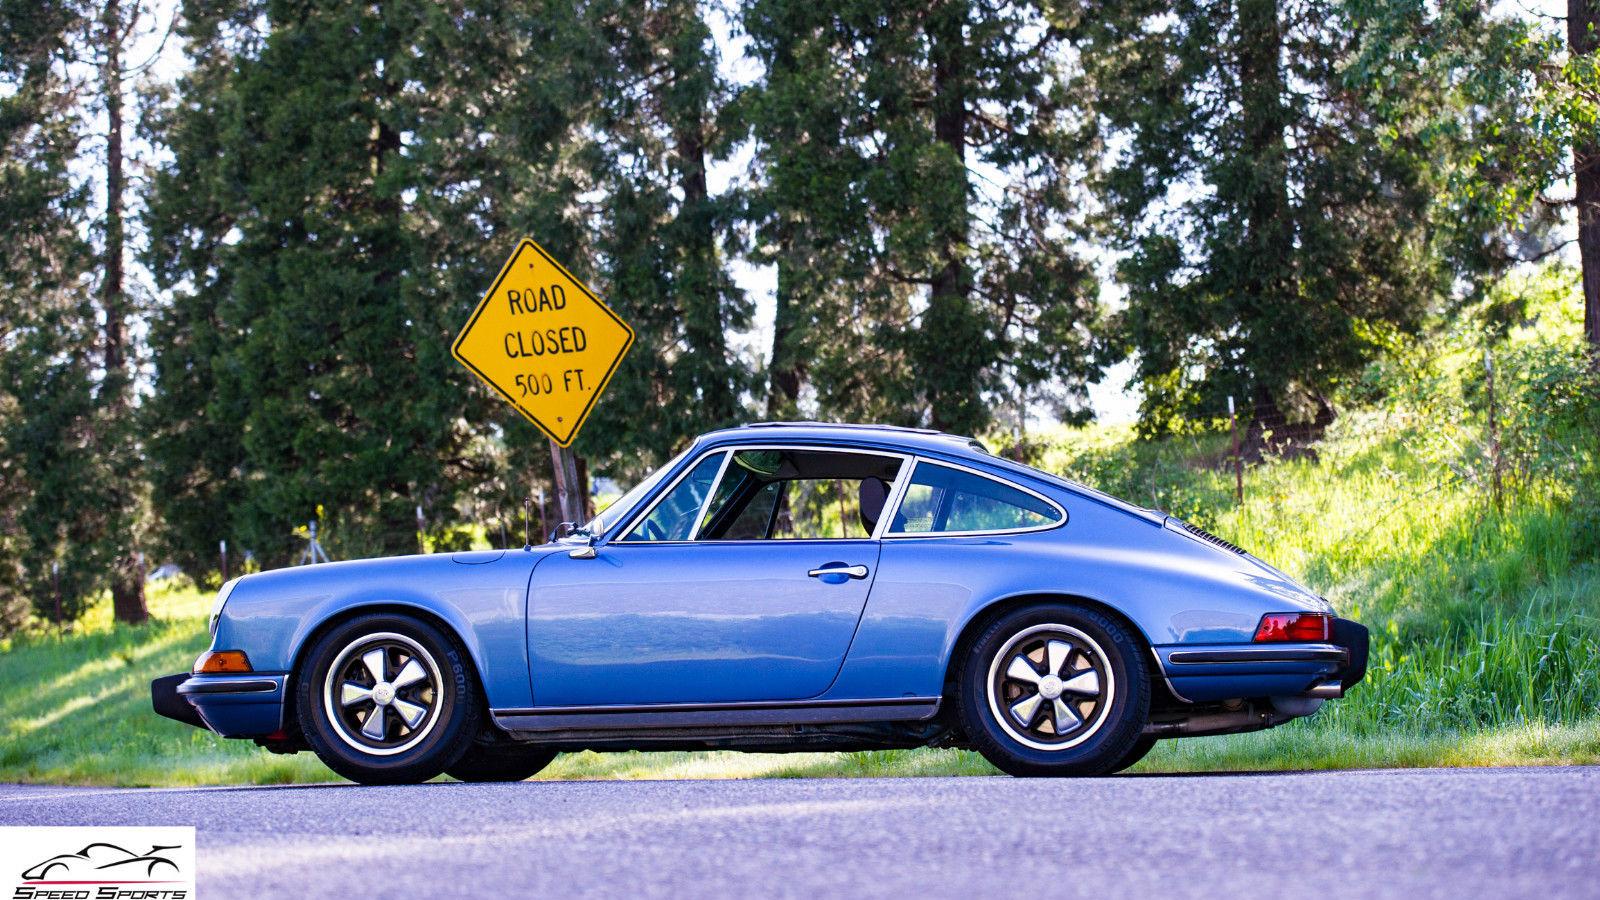 m e m o: 1973 Porsche 911 Sportomatic for sale on Ebay